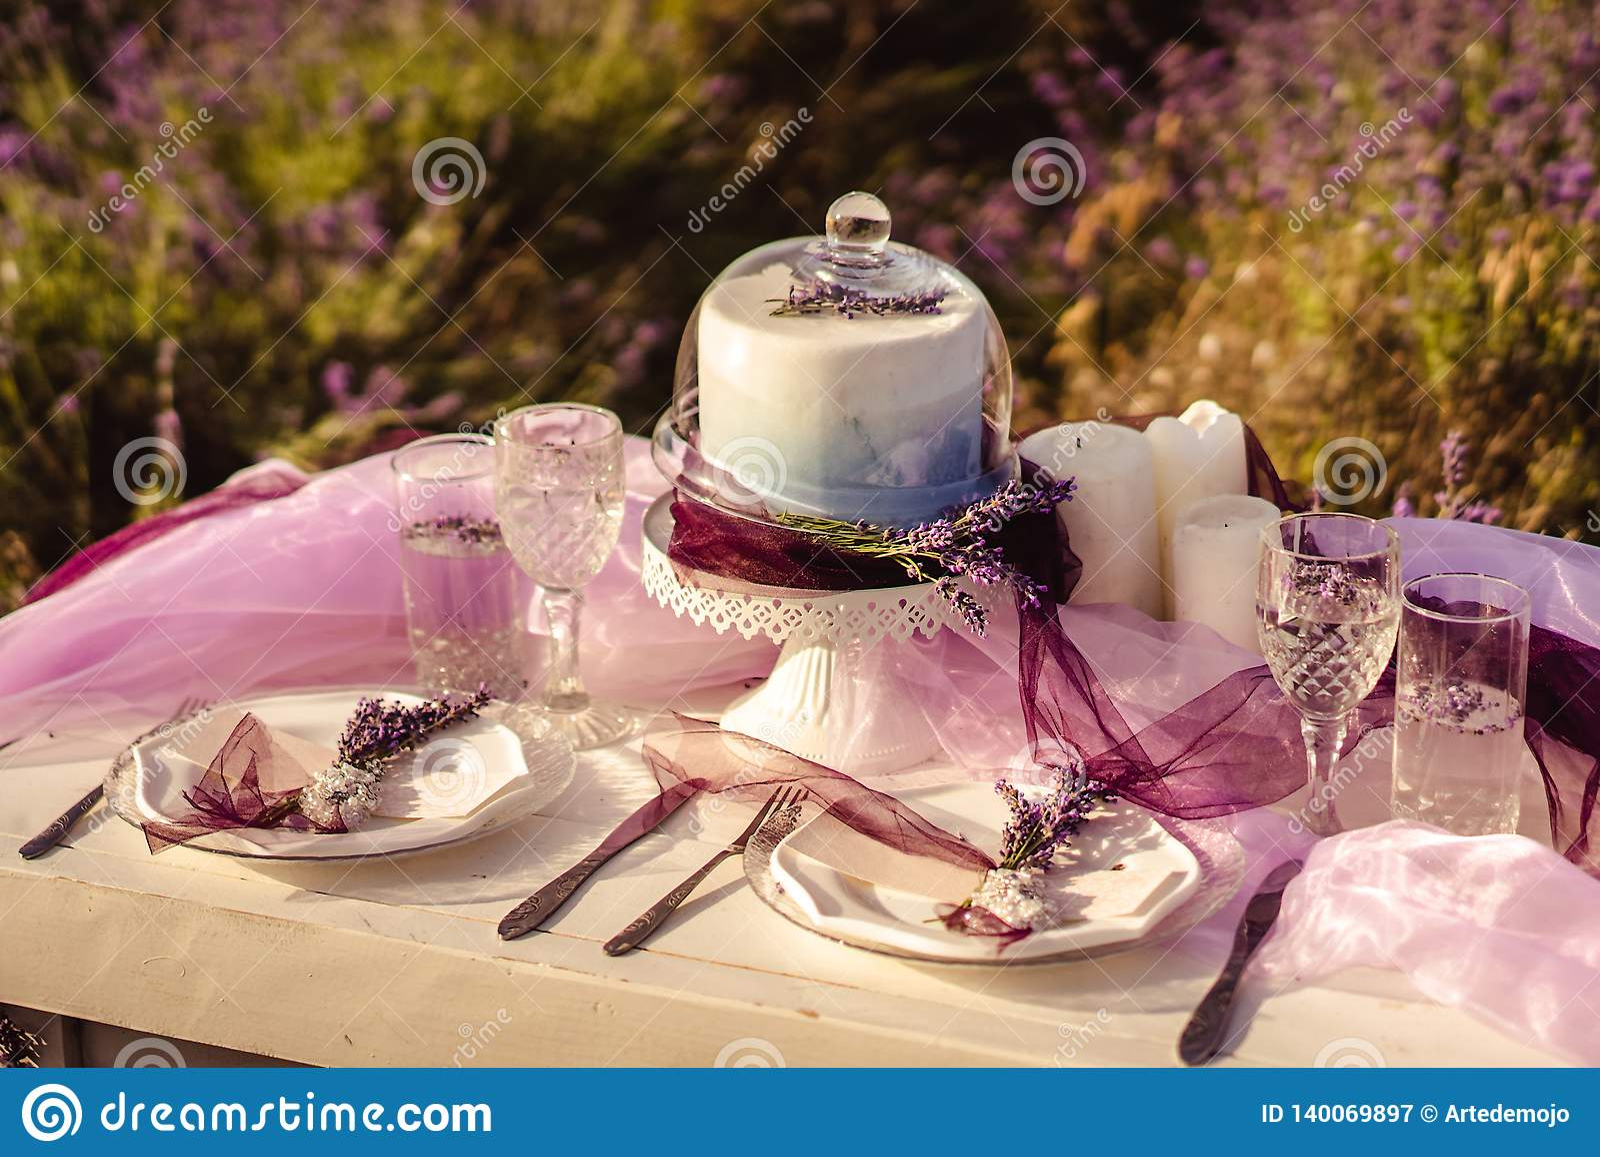 Diente festlich Tabelle mit Lavendelblumensträußen und -kuchen